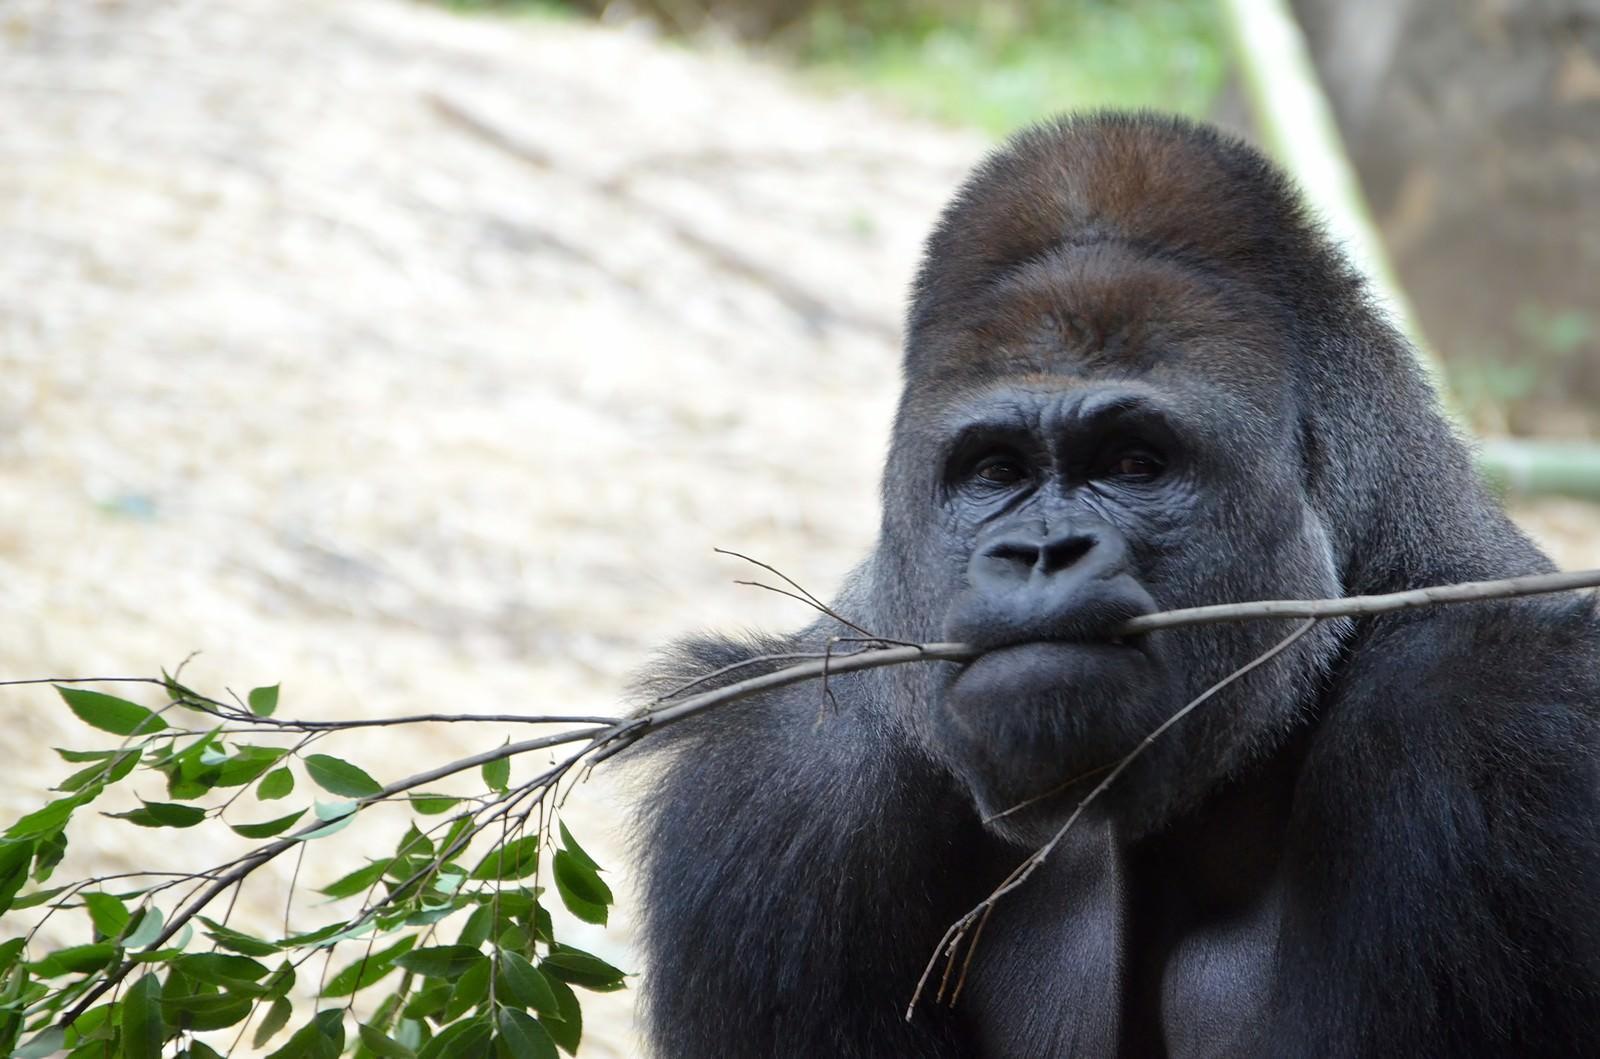 「枝を咥えるゴリラ」の写真